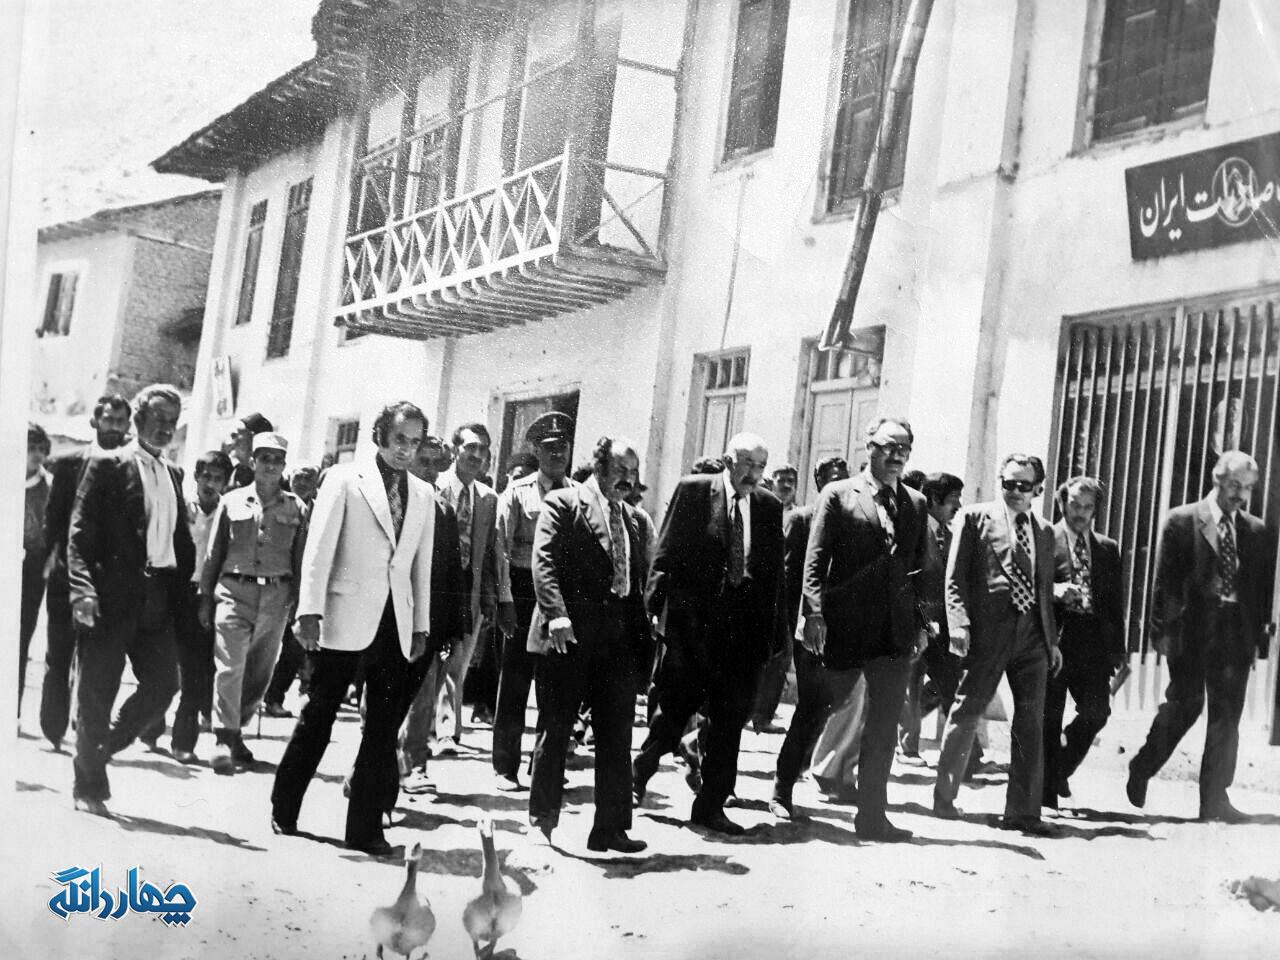 عکس قدیمی از افتتاحیه بانک صادرات کیاسر - محله آهنگرخیل